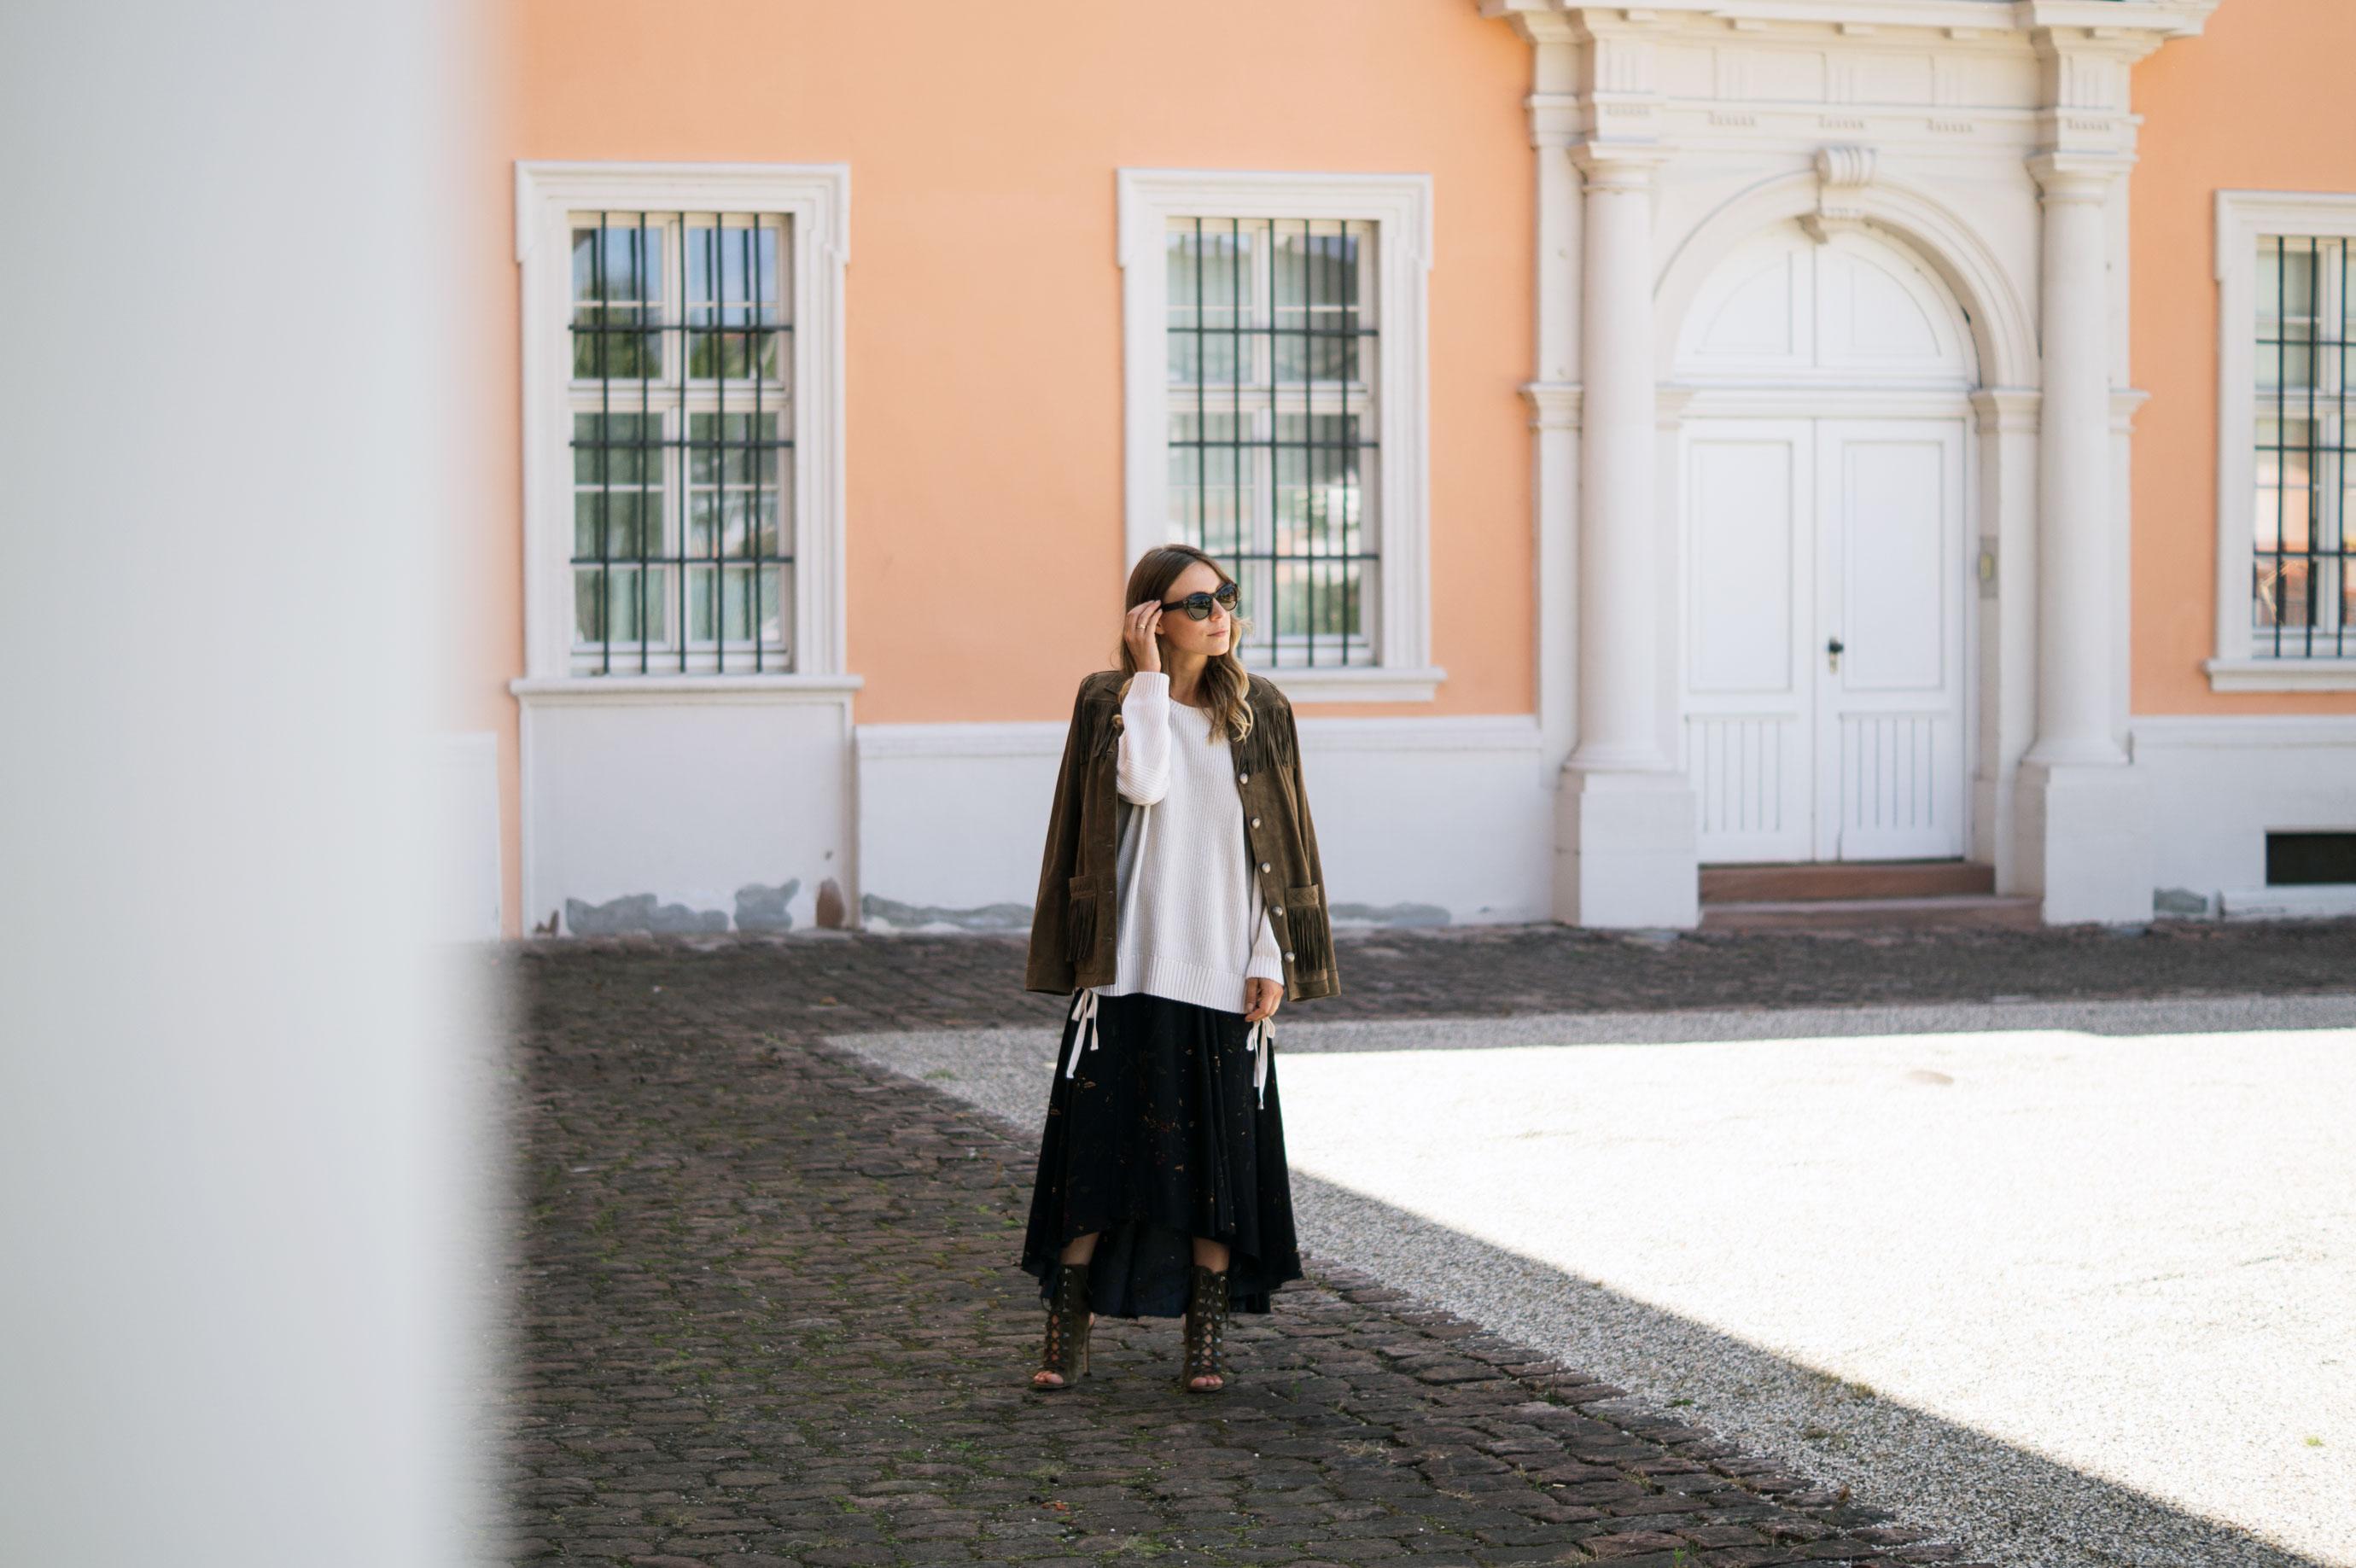 Fall Layers Herbstlook Fransenjacke Wildlederjacke Lace Up Heels Sariety Sarah Schaefer Modeblog Heidelberg_3